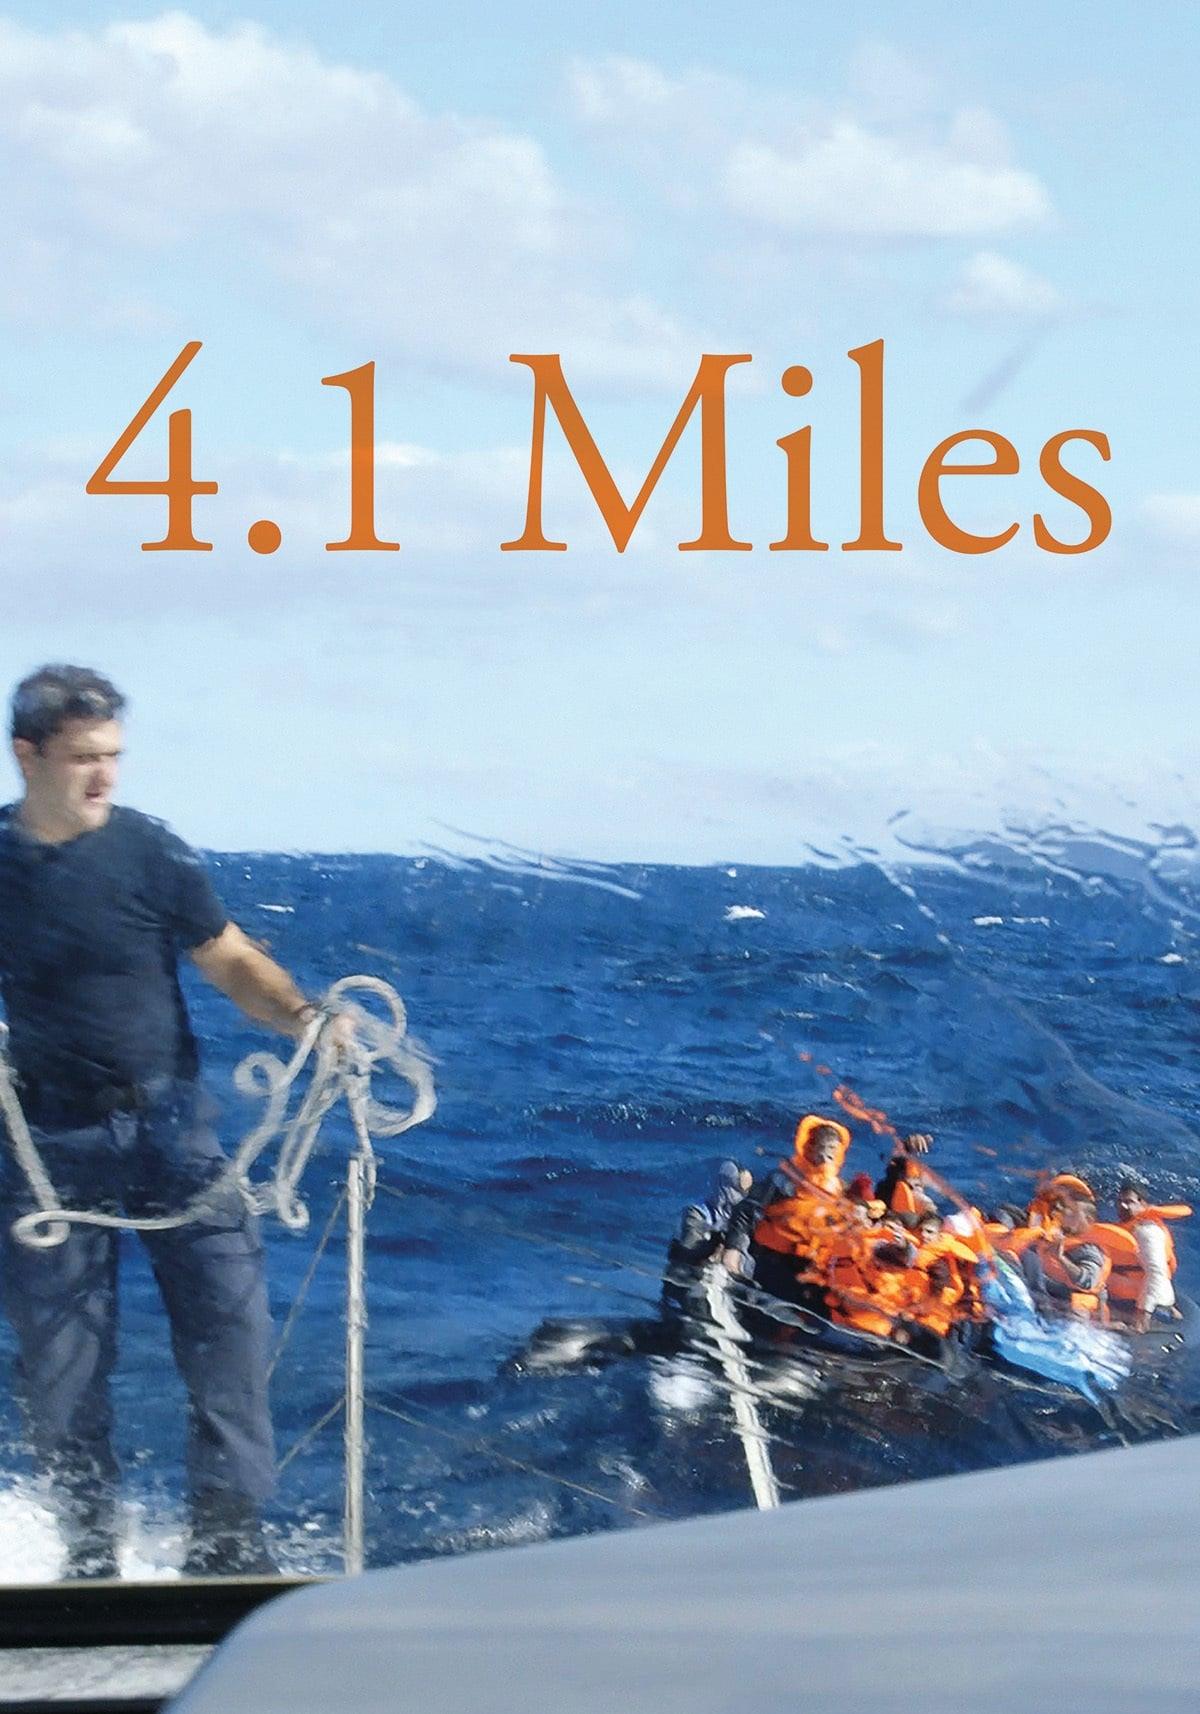 4.1 Miles (2016)